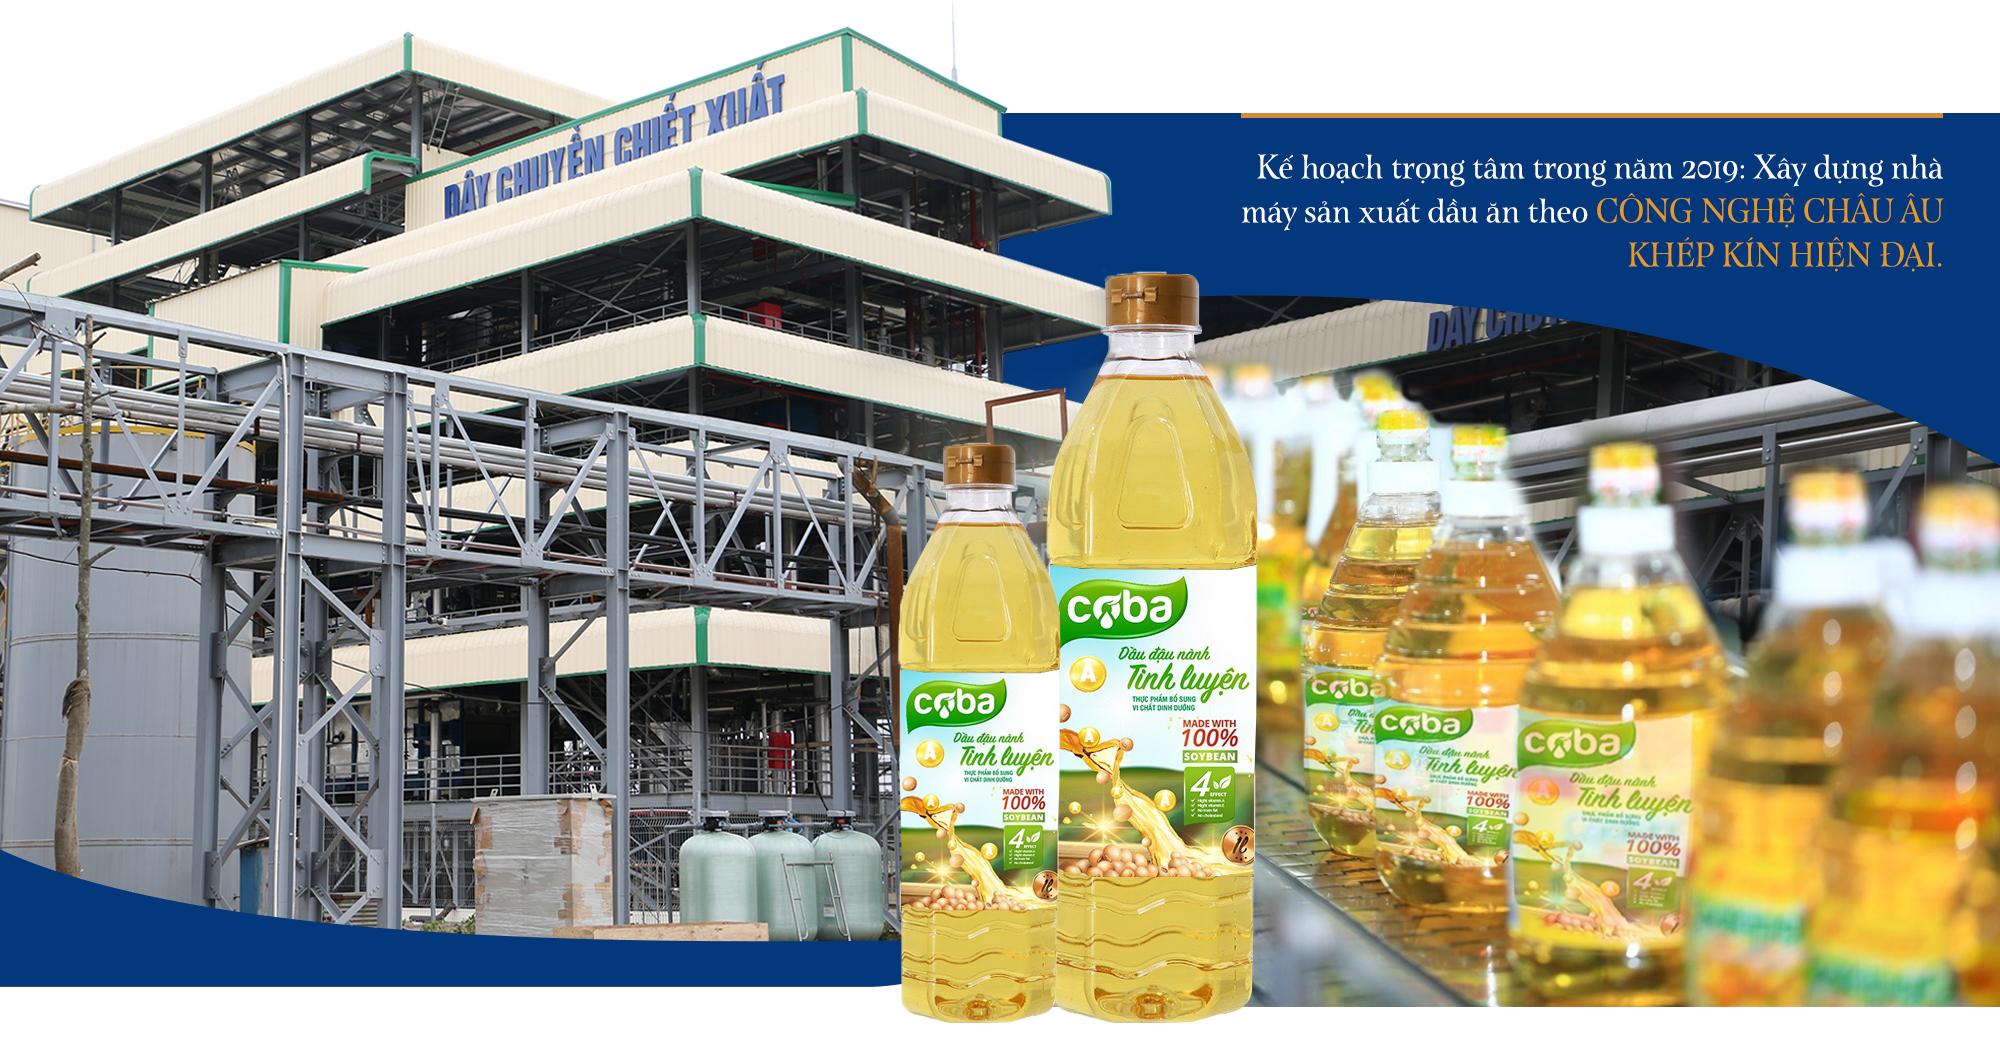 Chủ tịch Dabaco: Chính chuỗi cung ứng khép kín đã giúp Dabaco đạt vị thế hàng đầu trong ngành chăn nuôi cả nước - Ảnh 9.